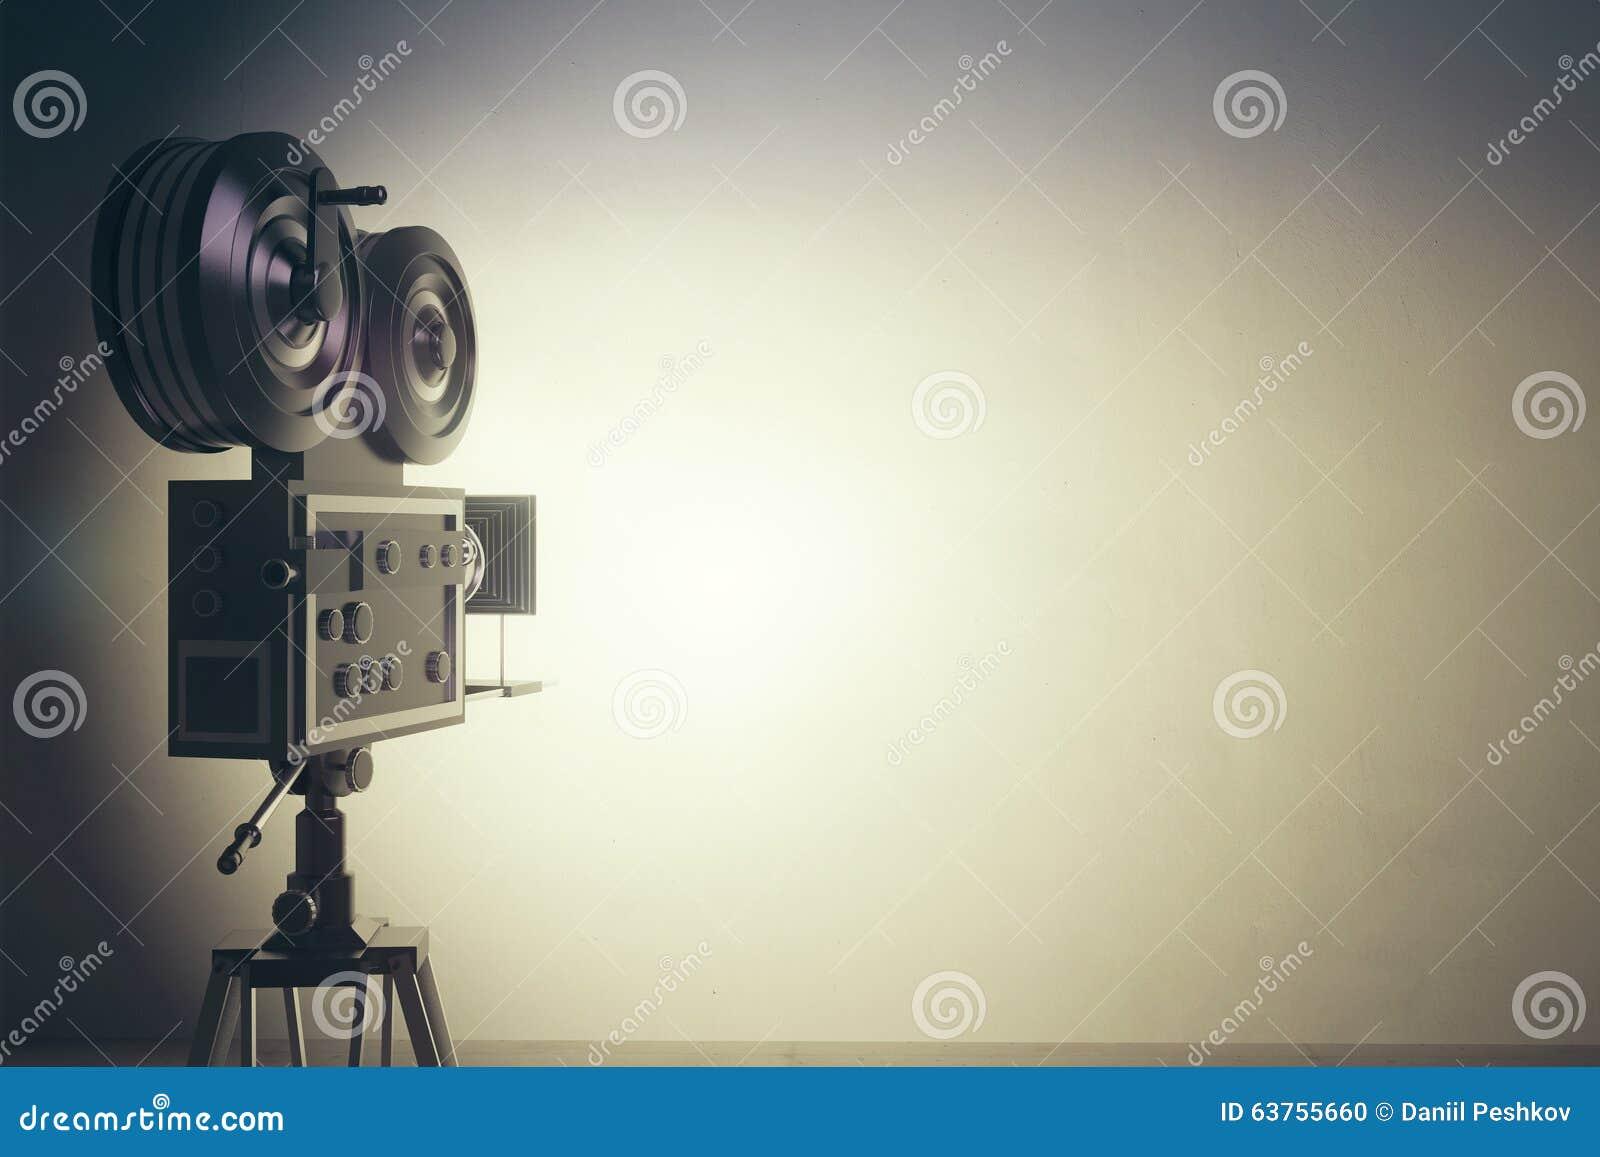 Câmera de filme do estilo antigo com parede branca, efeito da foto do vintage